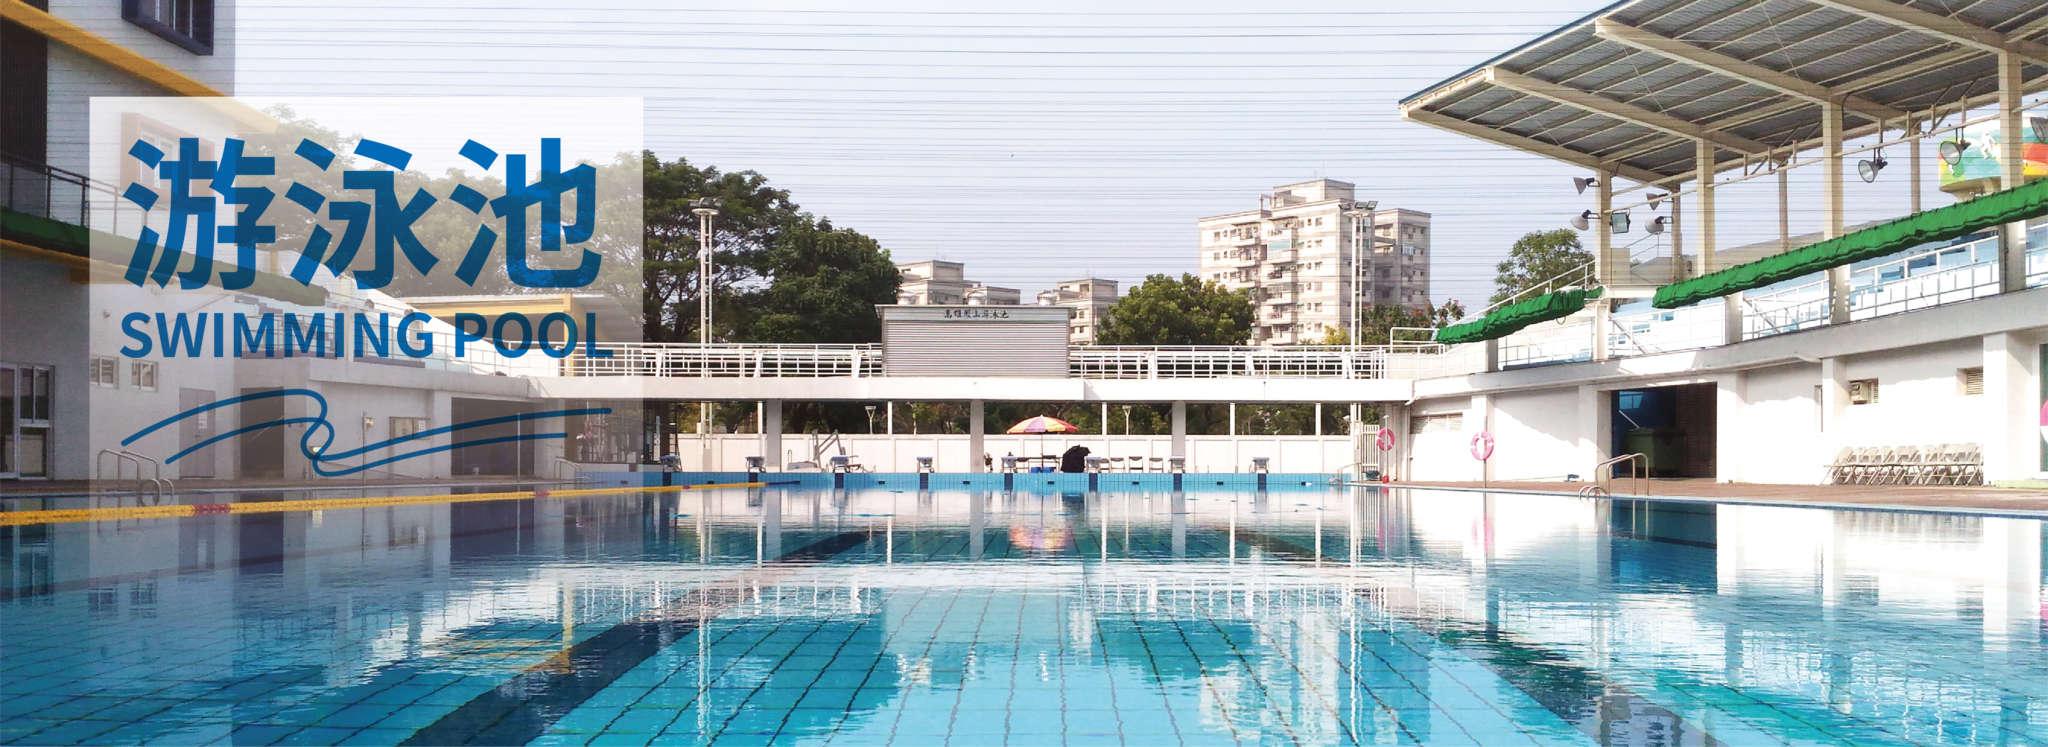 游泳池全景標題圖片(jpg)